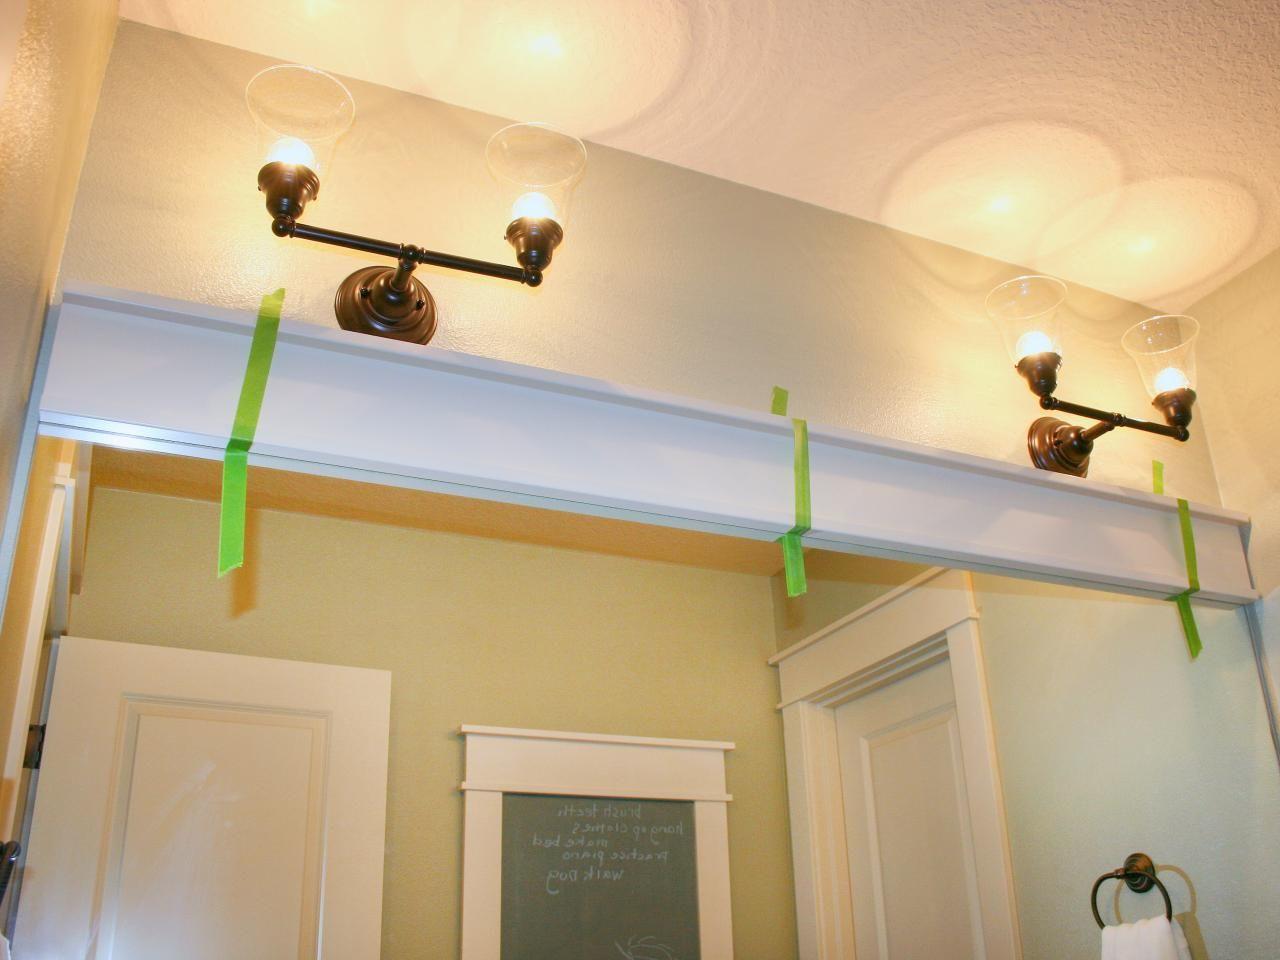 Contemporary bathroom mirror ideas traininggreen interior